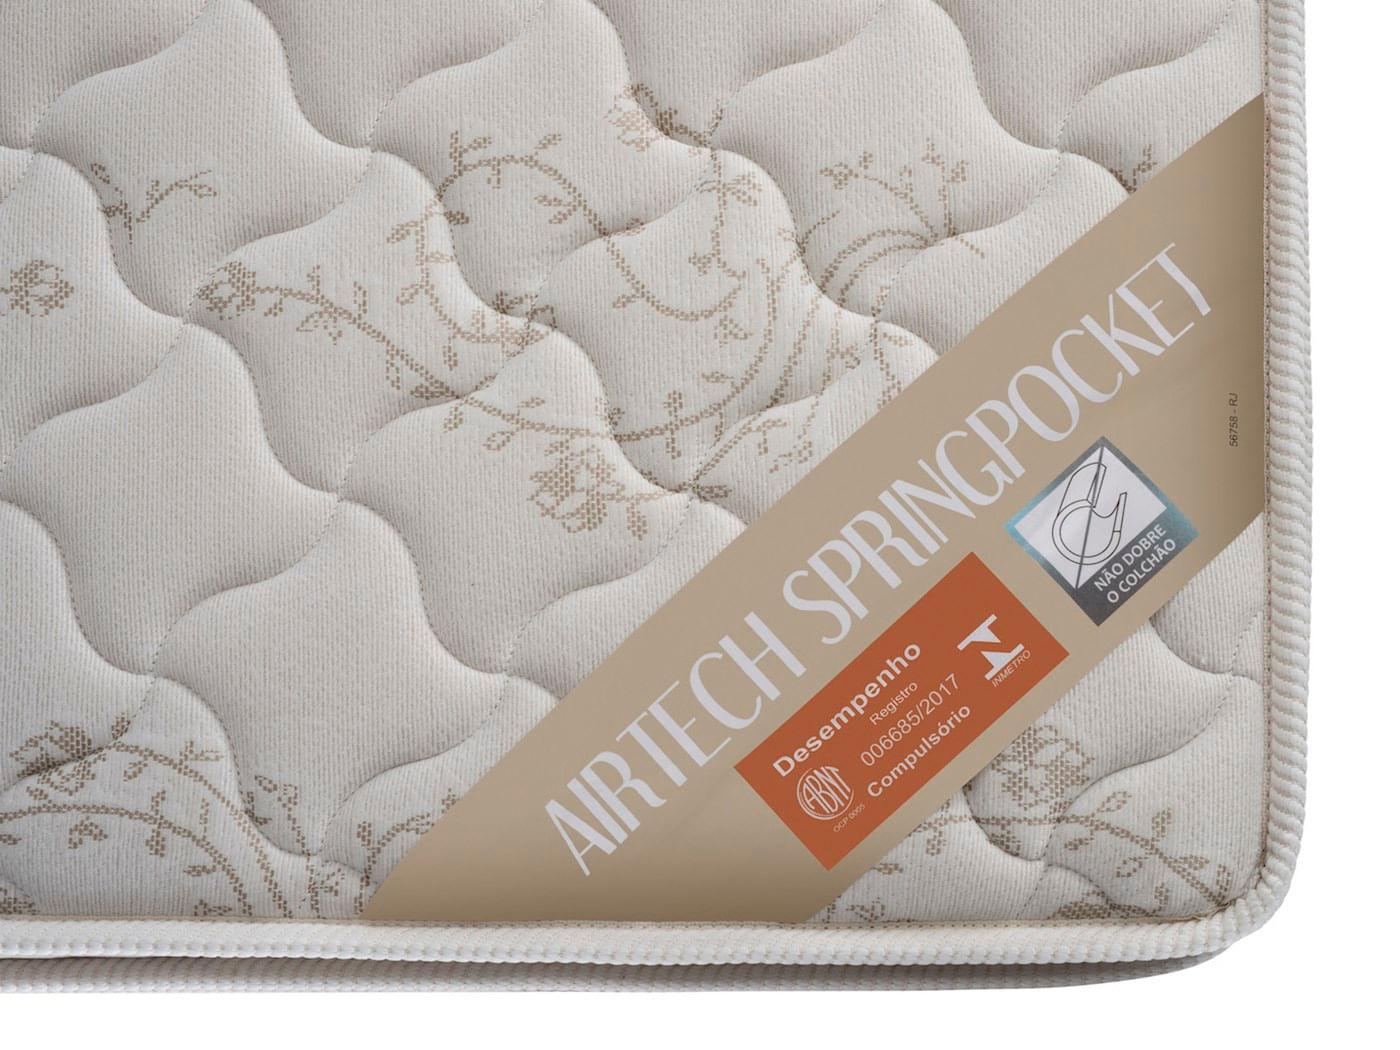 Colchao Airtech Spring Pocket Solteiro 78 cm (LARG) Branco com Lateral Bege - 51986